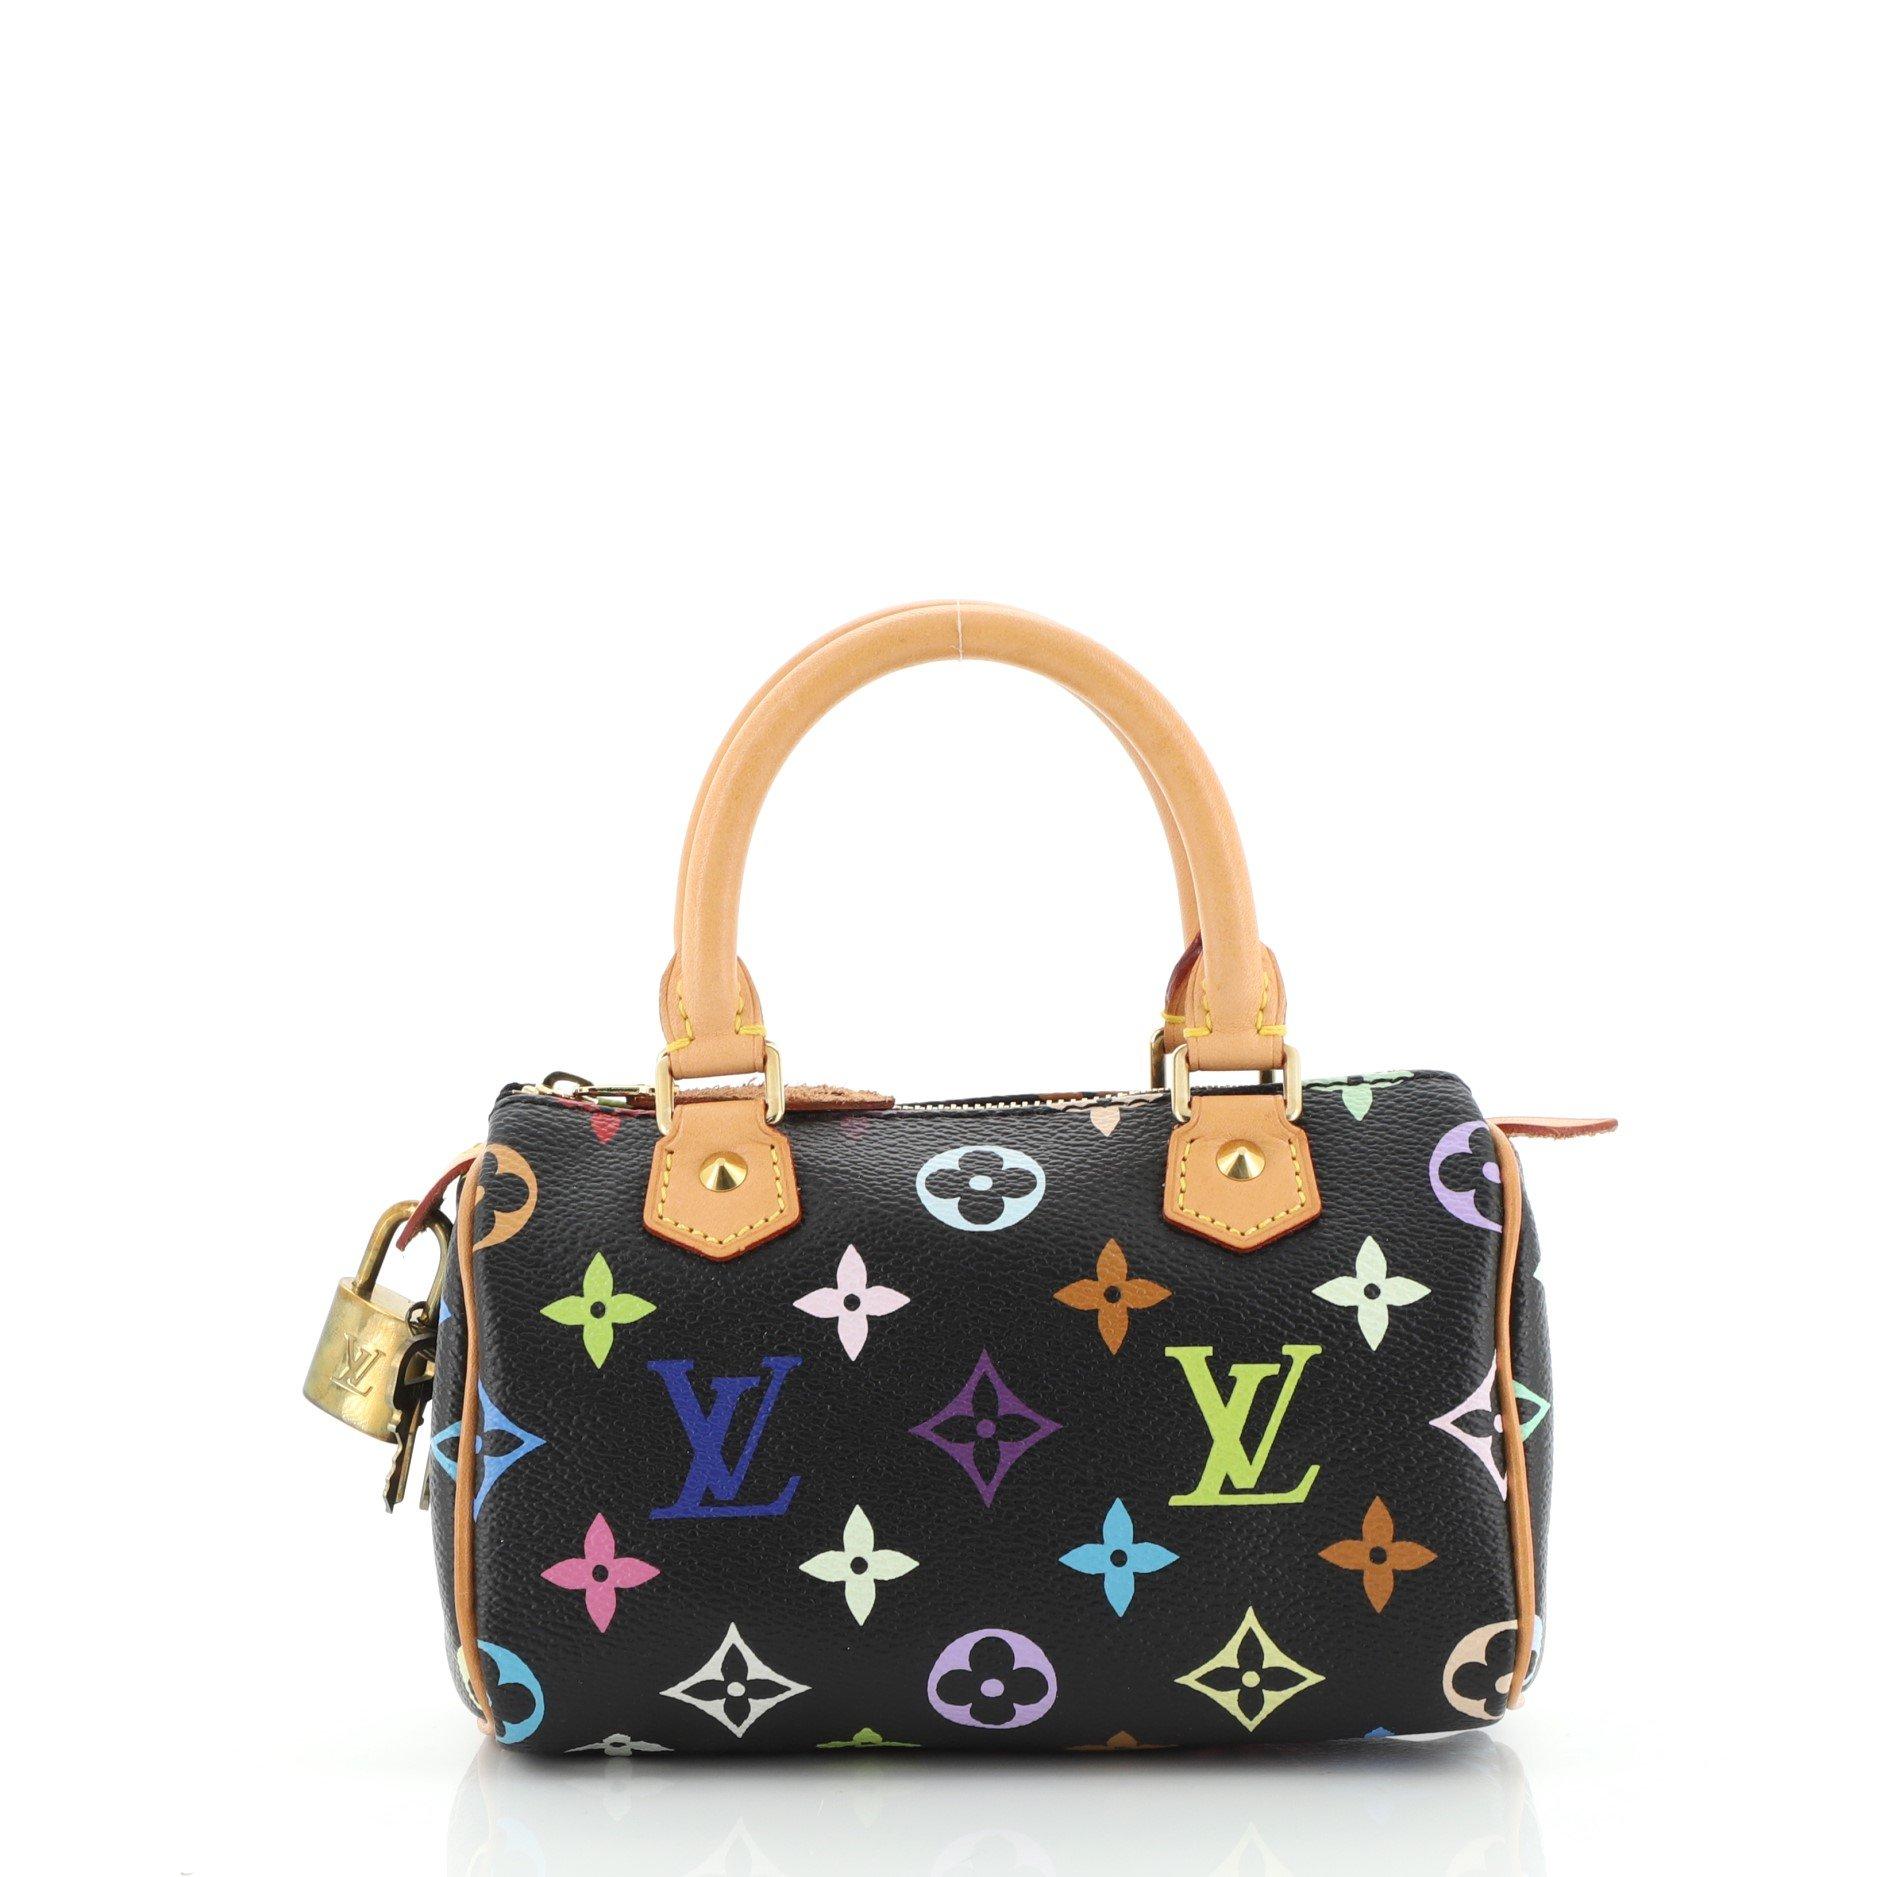 Louis Vuitton Speedy Mini HL Handbag Monogram Multicolor